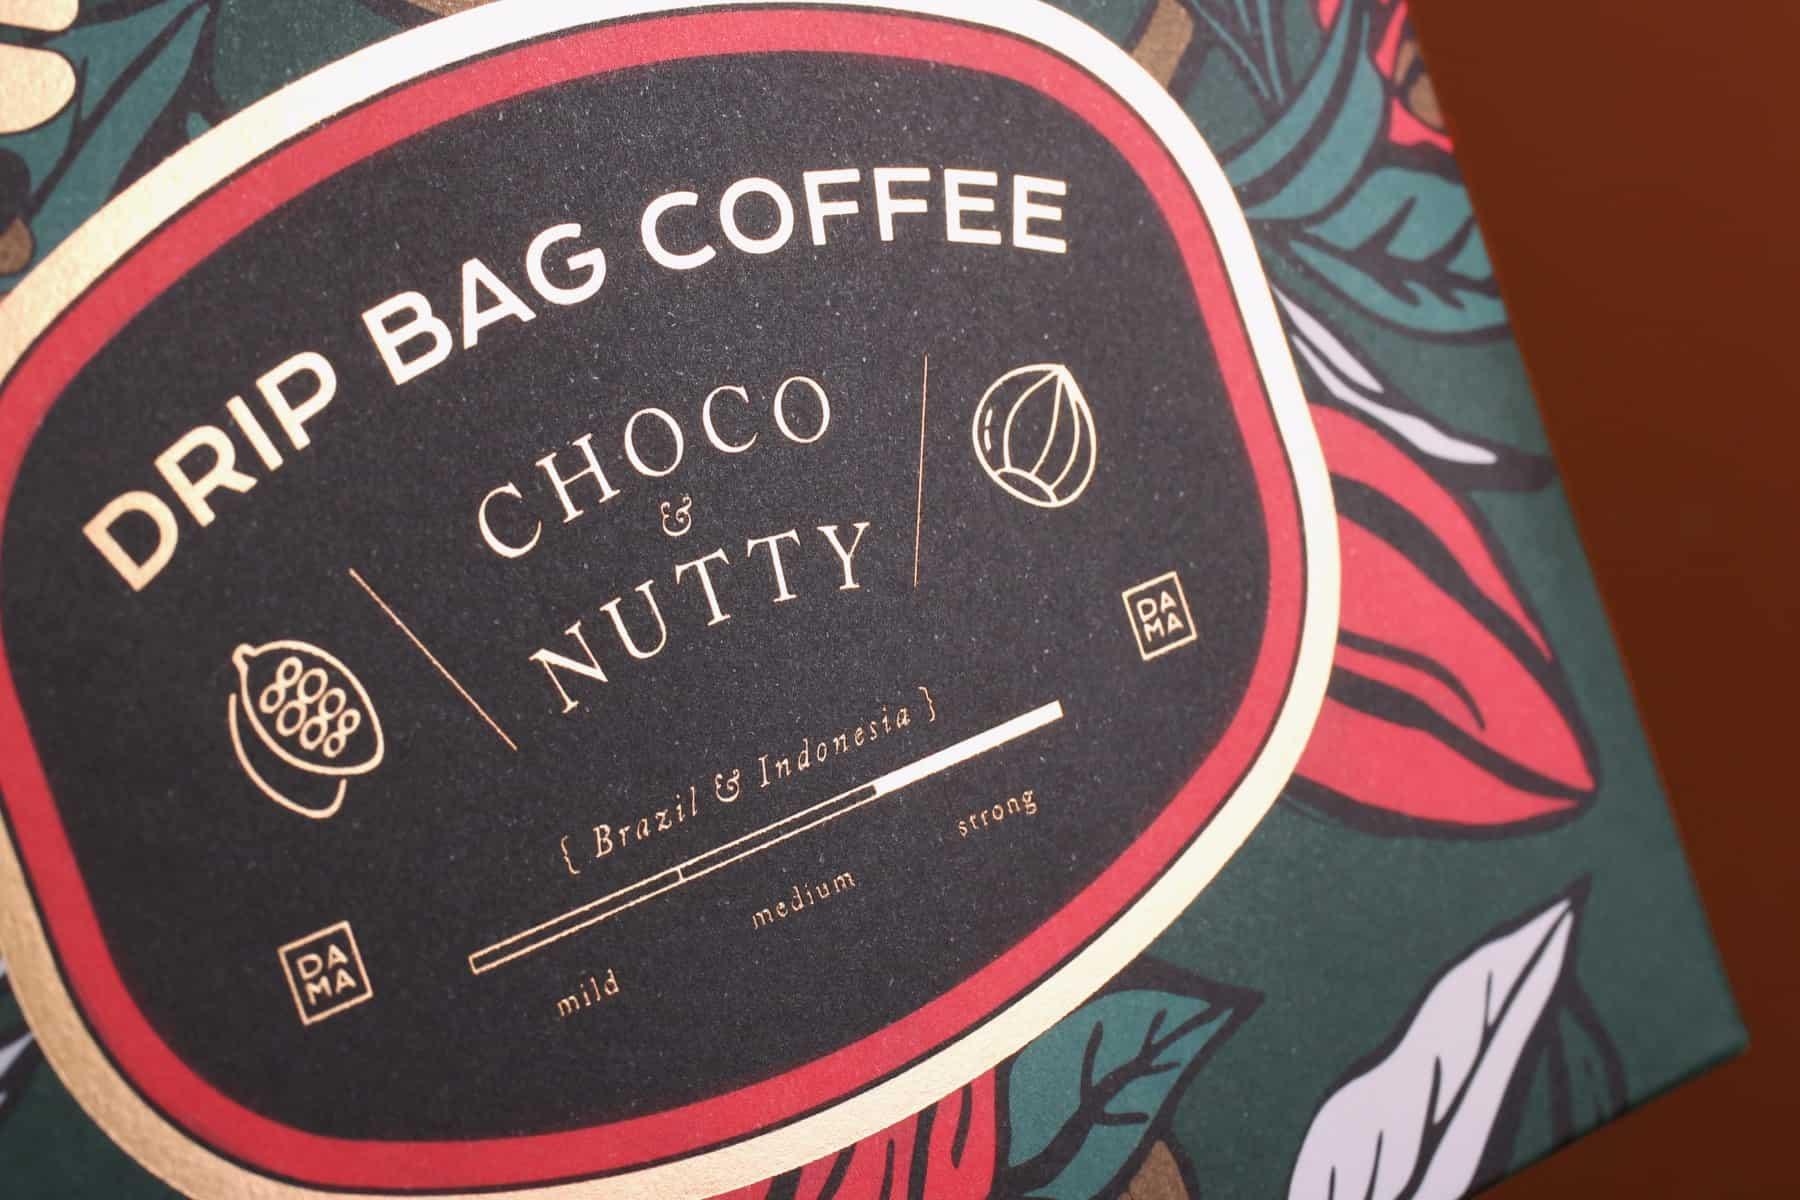 DAMA 滴濾咖啡包裝設計